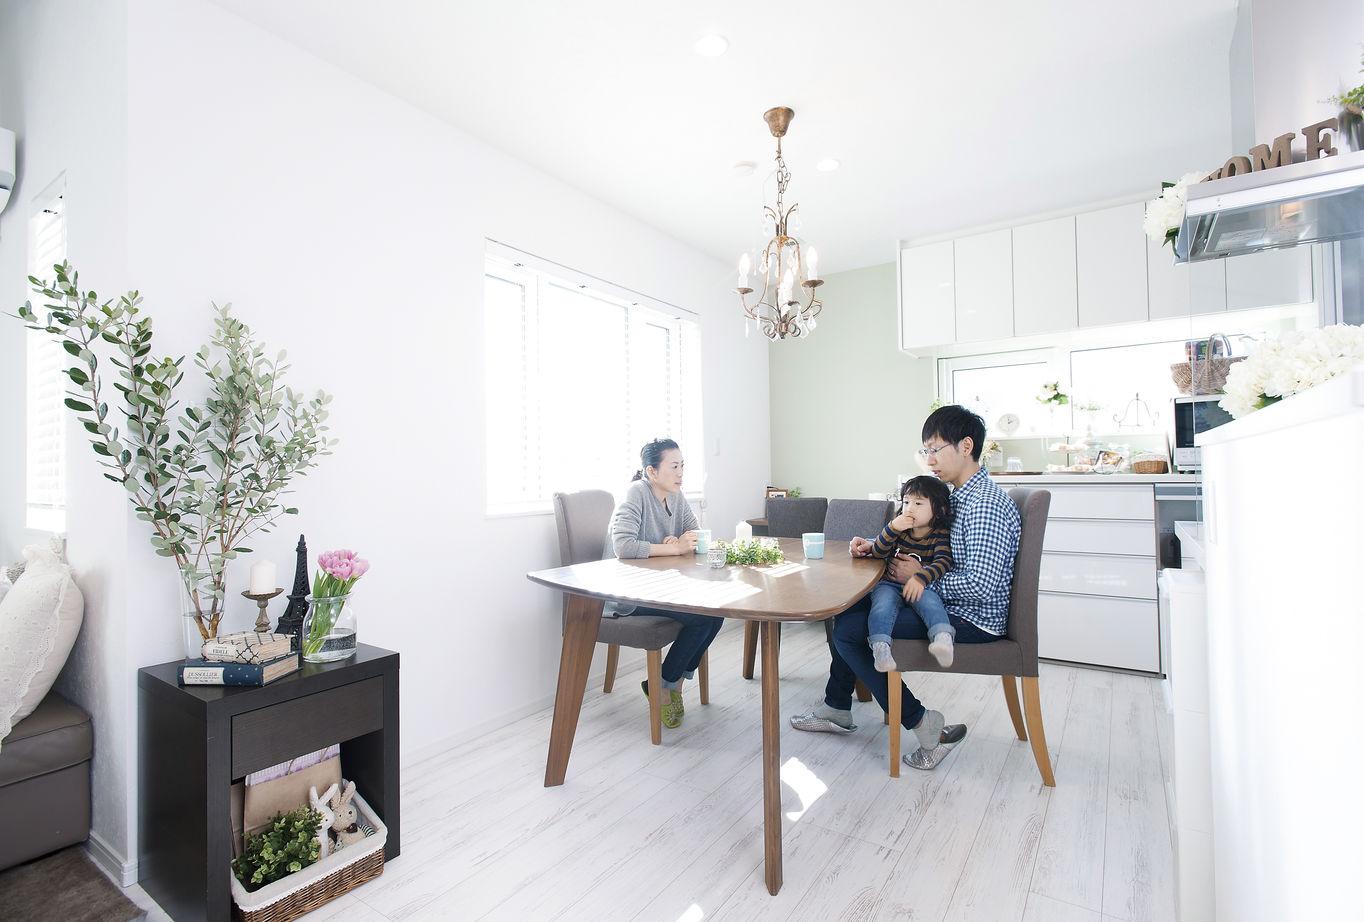 【間取り有】【40坪台/3000万円台】【地下室付二世帯住宅】家族みんなが楽しむ住まい画像3